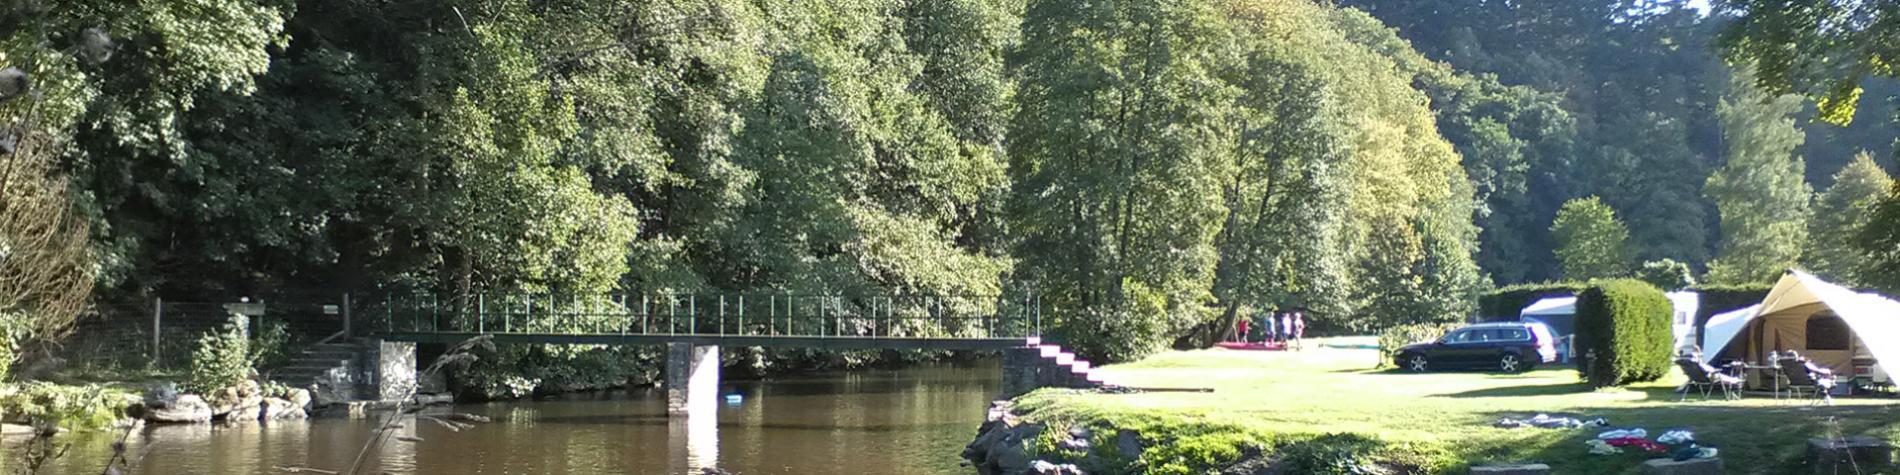 Camping - Pont de Berguème - Tenneville -63 emplacements - tentes - caravanes - chalets - aire de jeux pour enfants - cafétaria - terrains de jeux - pétanque